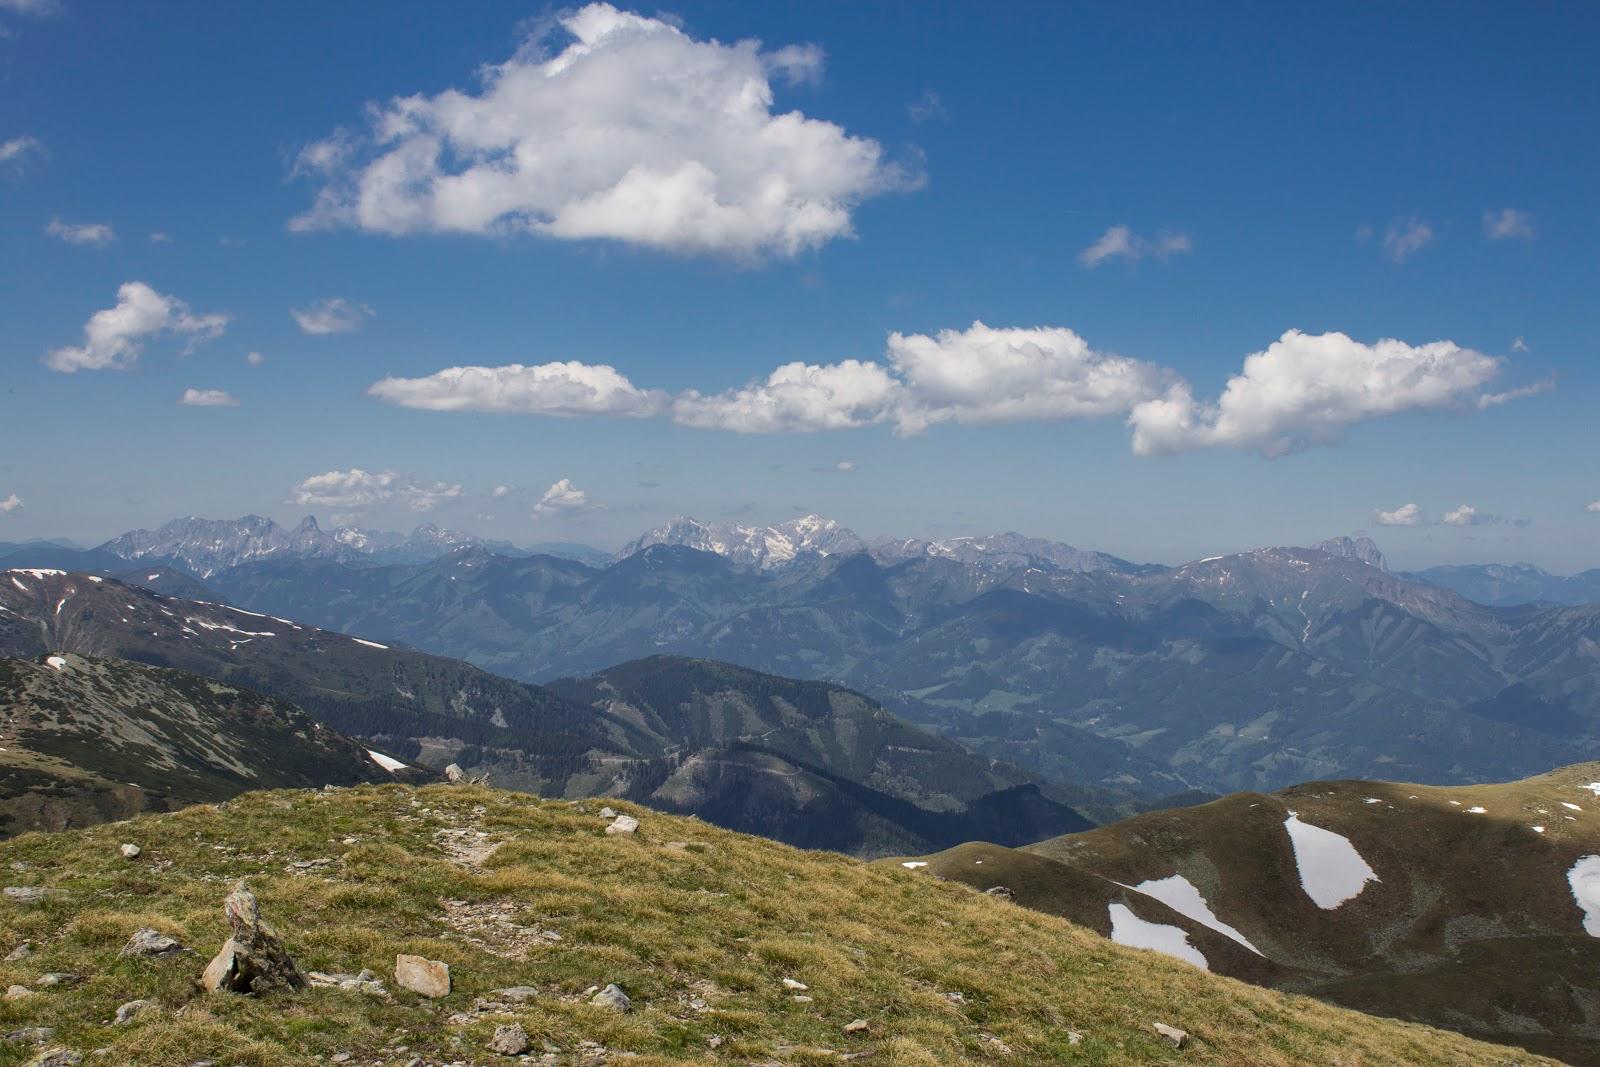 Panorama - Von der Unteren Bodenhütte über den Hämmerkogel zum Seckauer Zinken - mittelschwere Wanderung in den Niederen Tauern